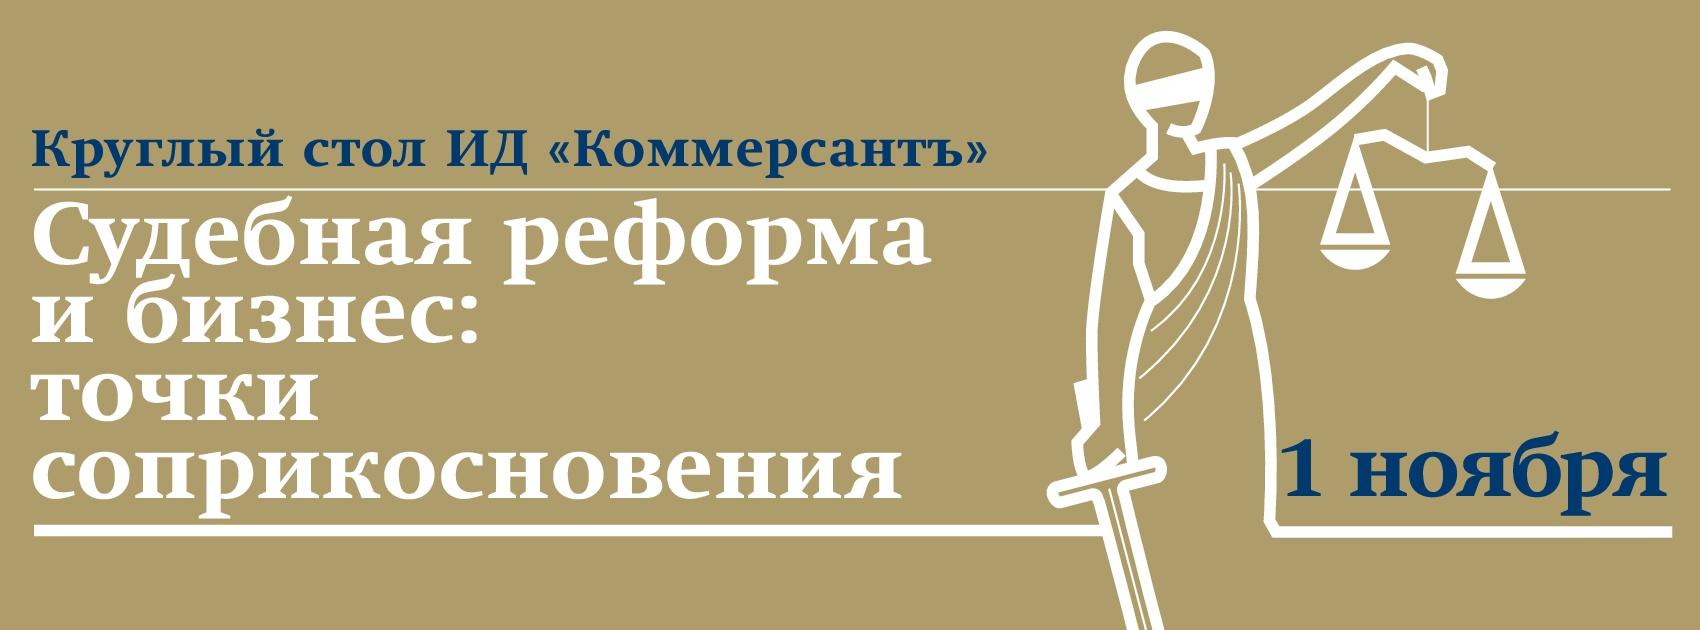 как быстро взять займ на карту срочно vsemikrozaymy.ru